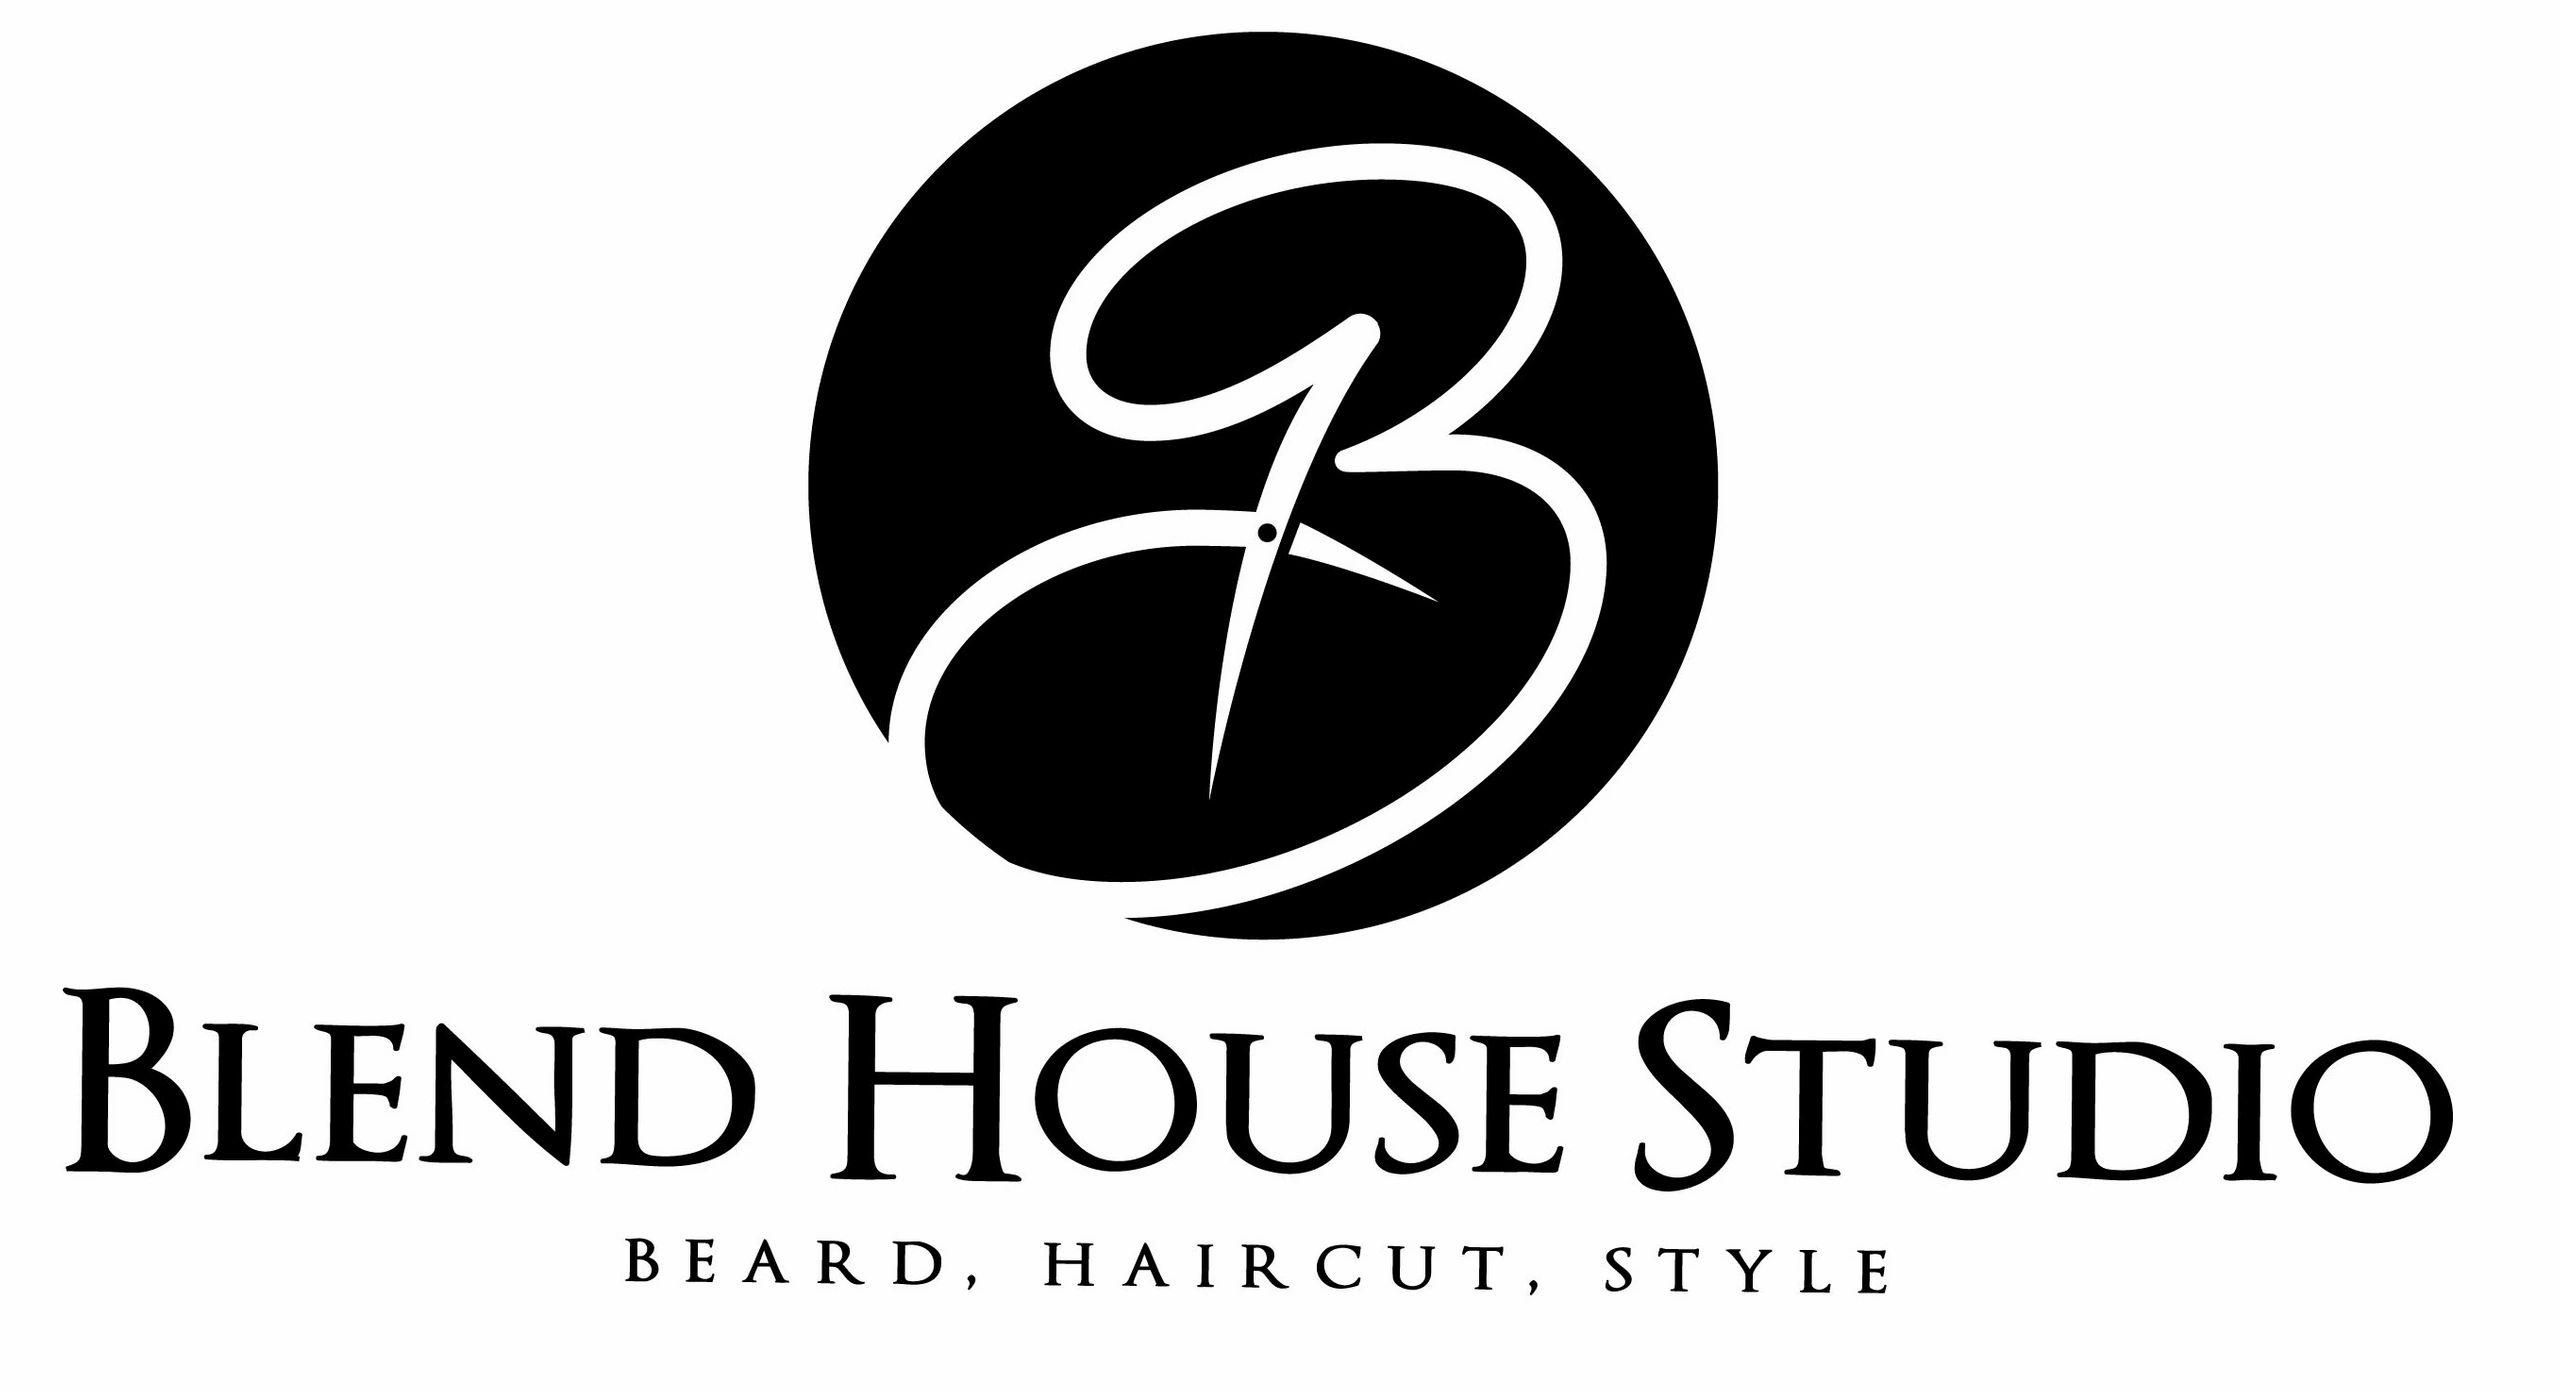 Blend House Studio logo